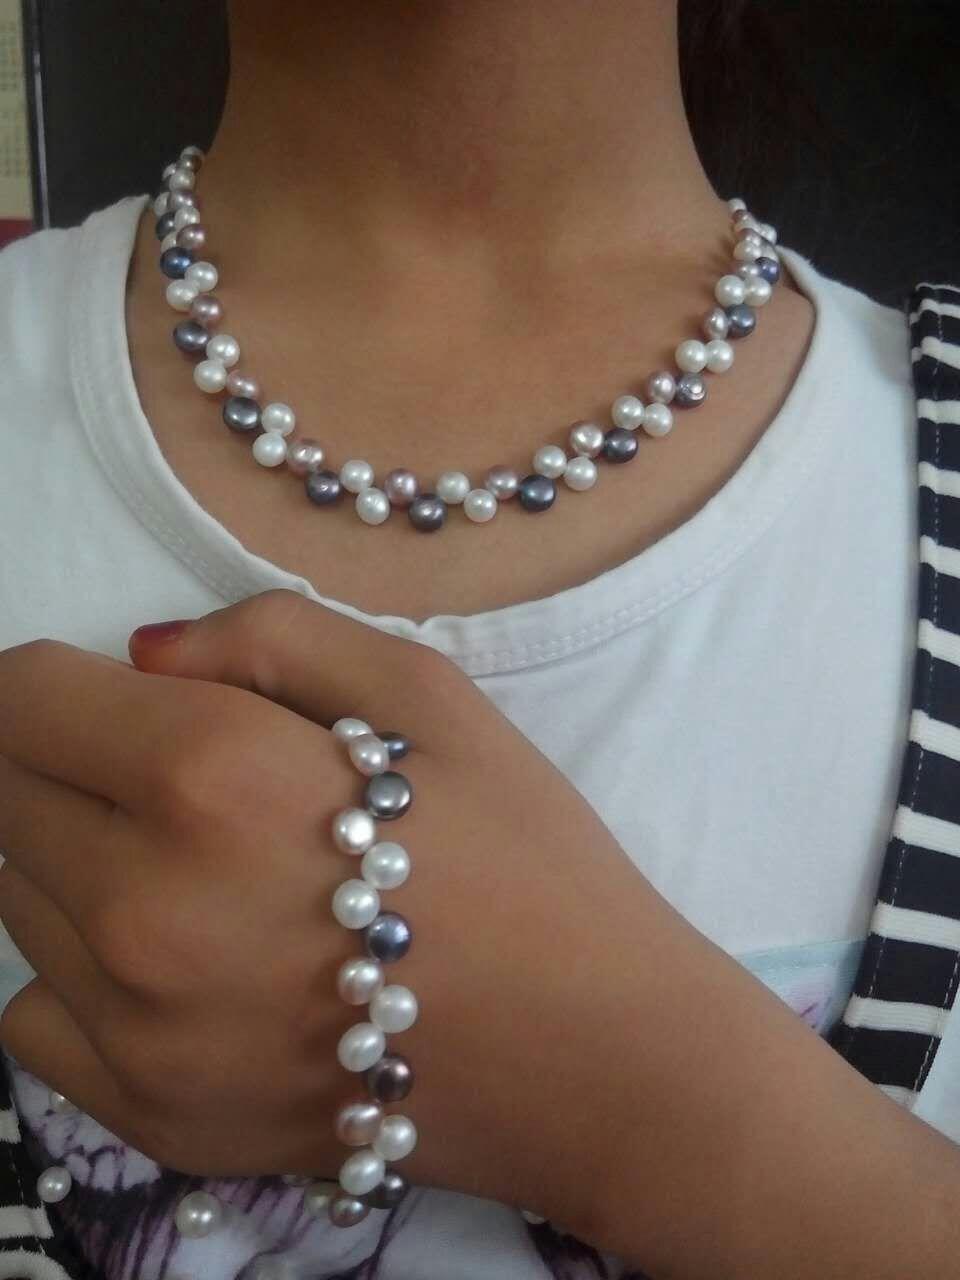 autentico set raffinato SOUTH SEA Affascinante bracciale con collana di perle grigio rosa bianche